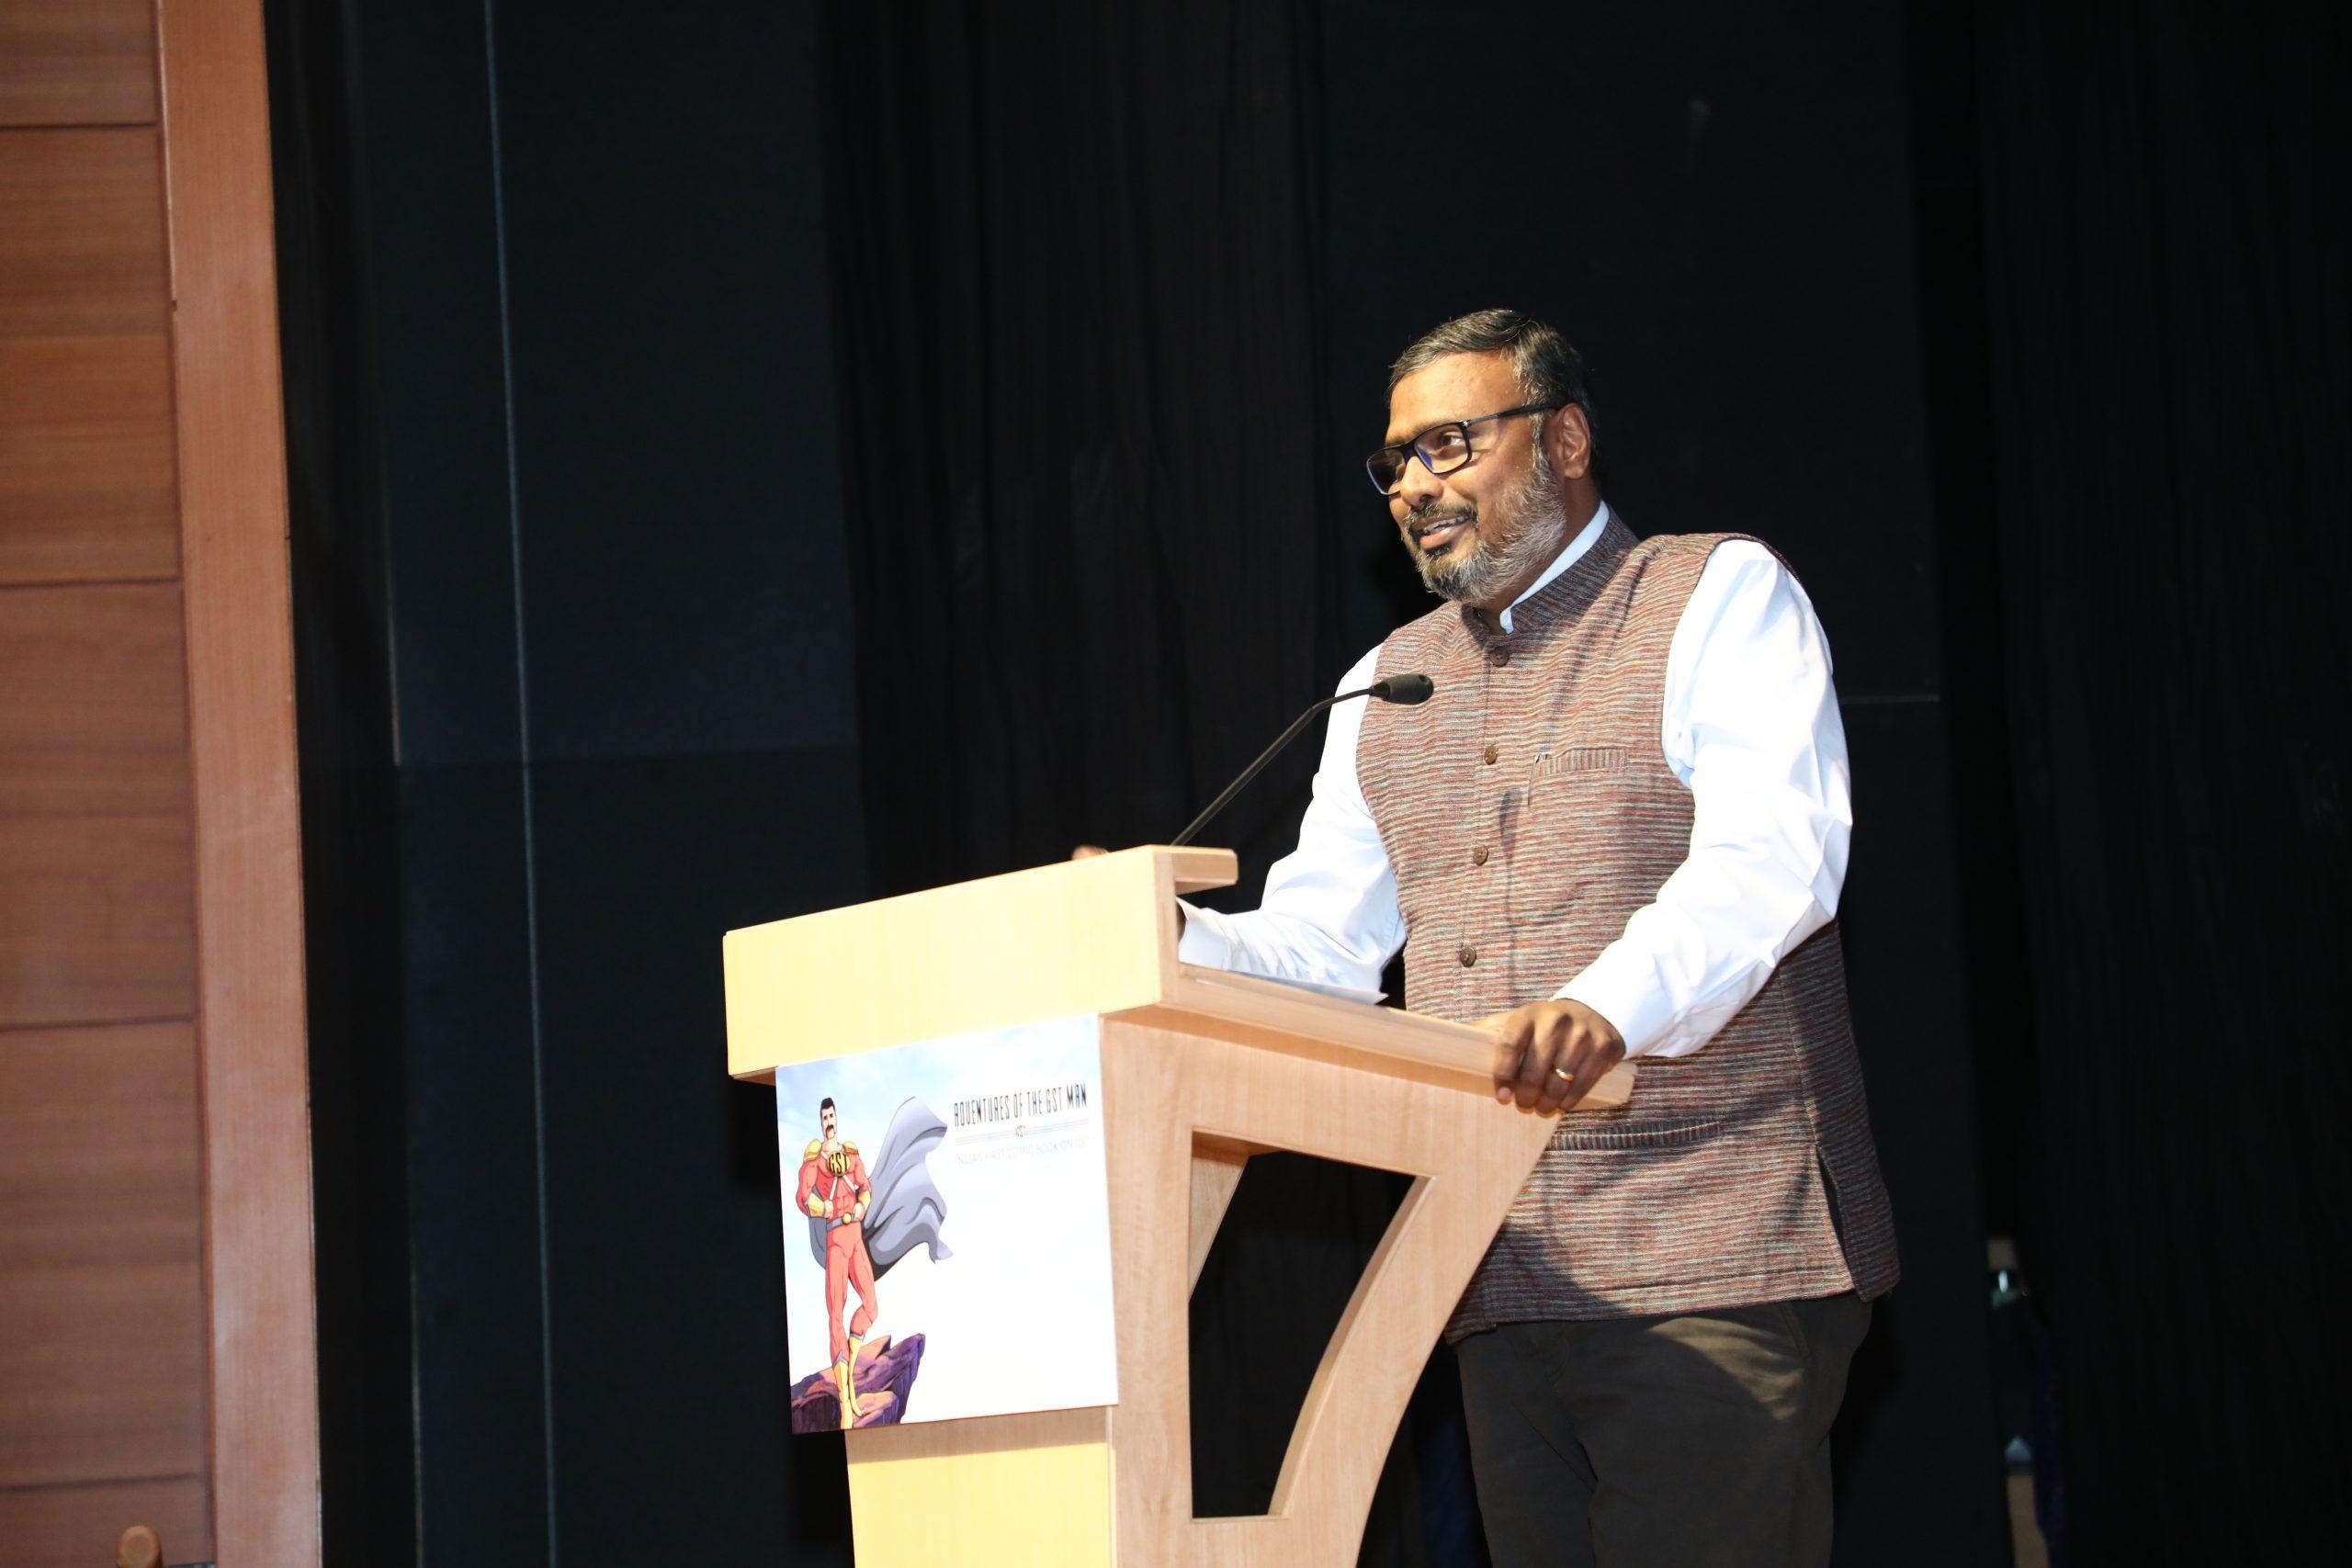 Srinivas Kotni